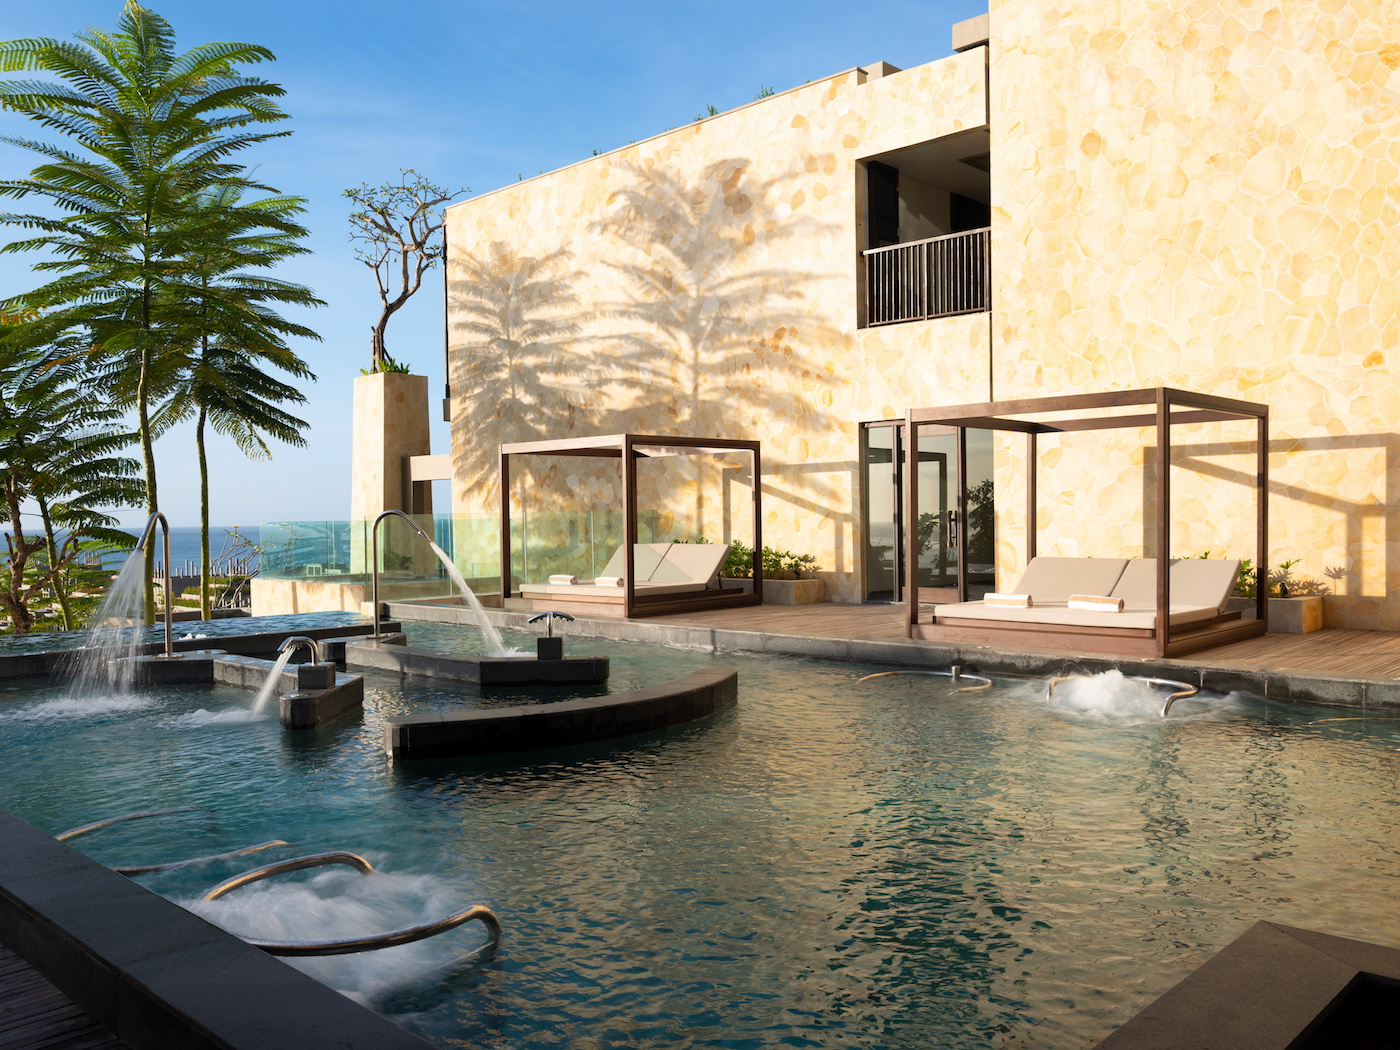 Hydrojet pool at Apurva Kempinski luxury resort Nusa Dua Bali